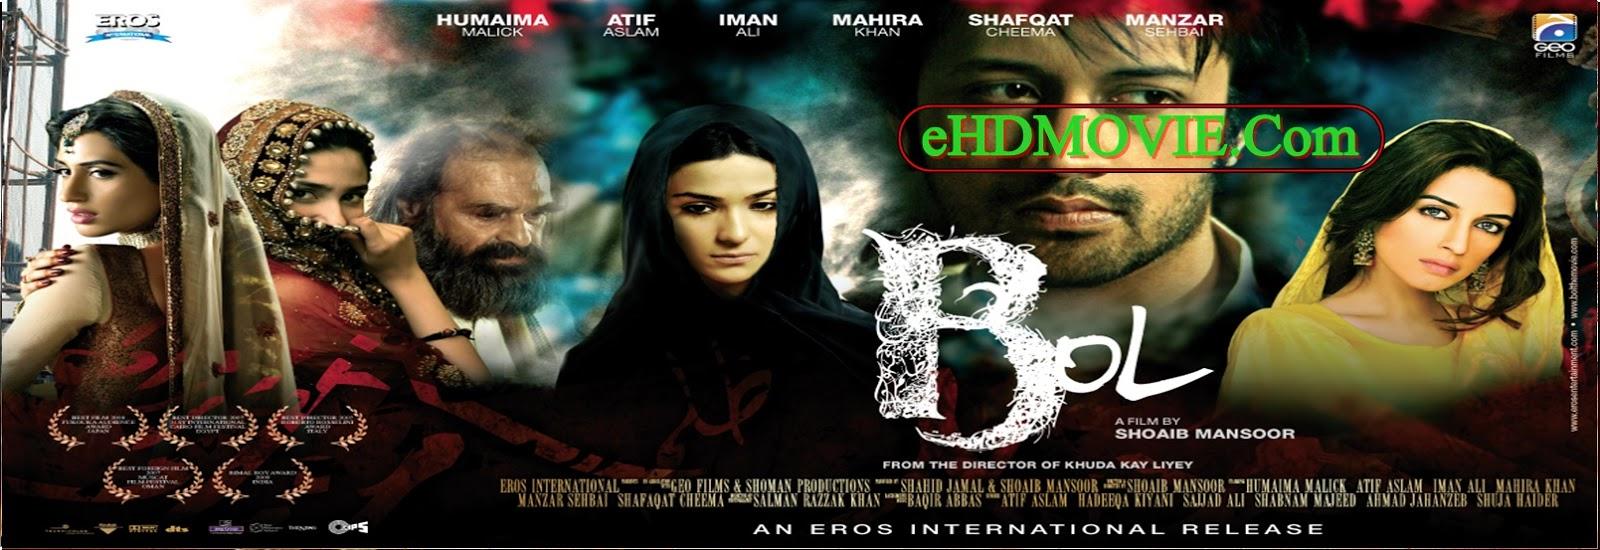 Bol 2011 Full Movie Urdu 720p - 480p ORG BRRip 400MB - 1.5GB ESubs Free Download